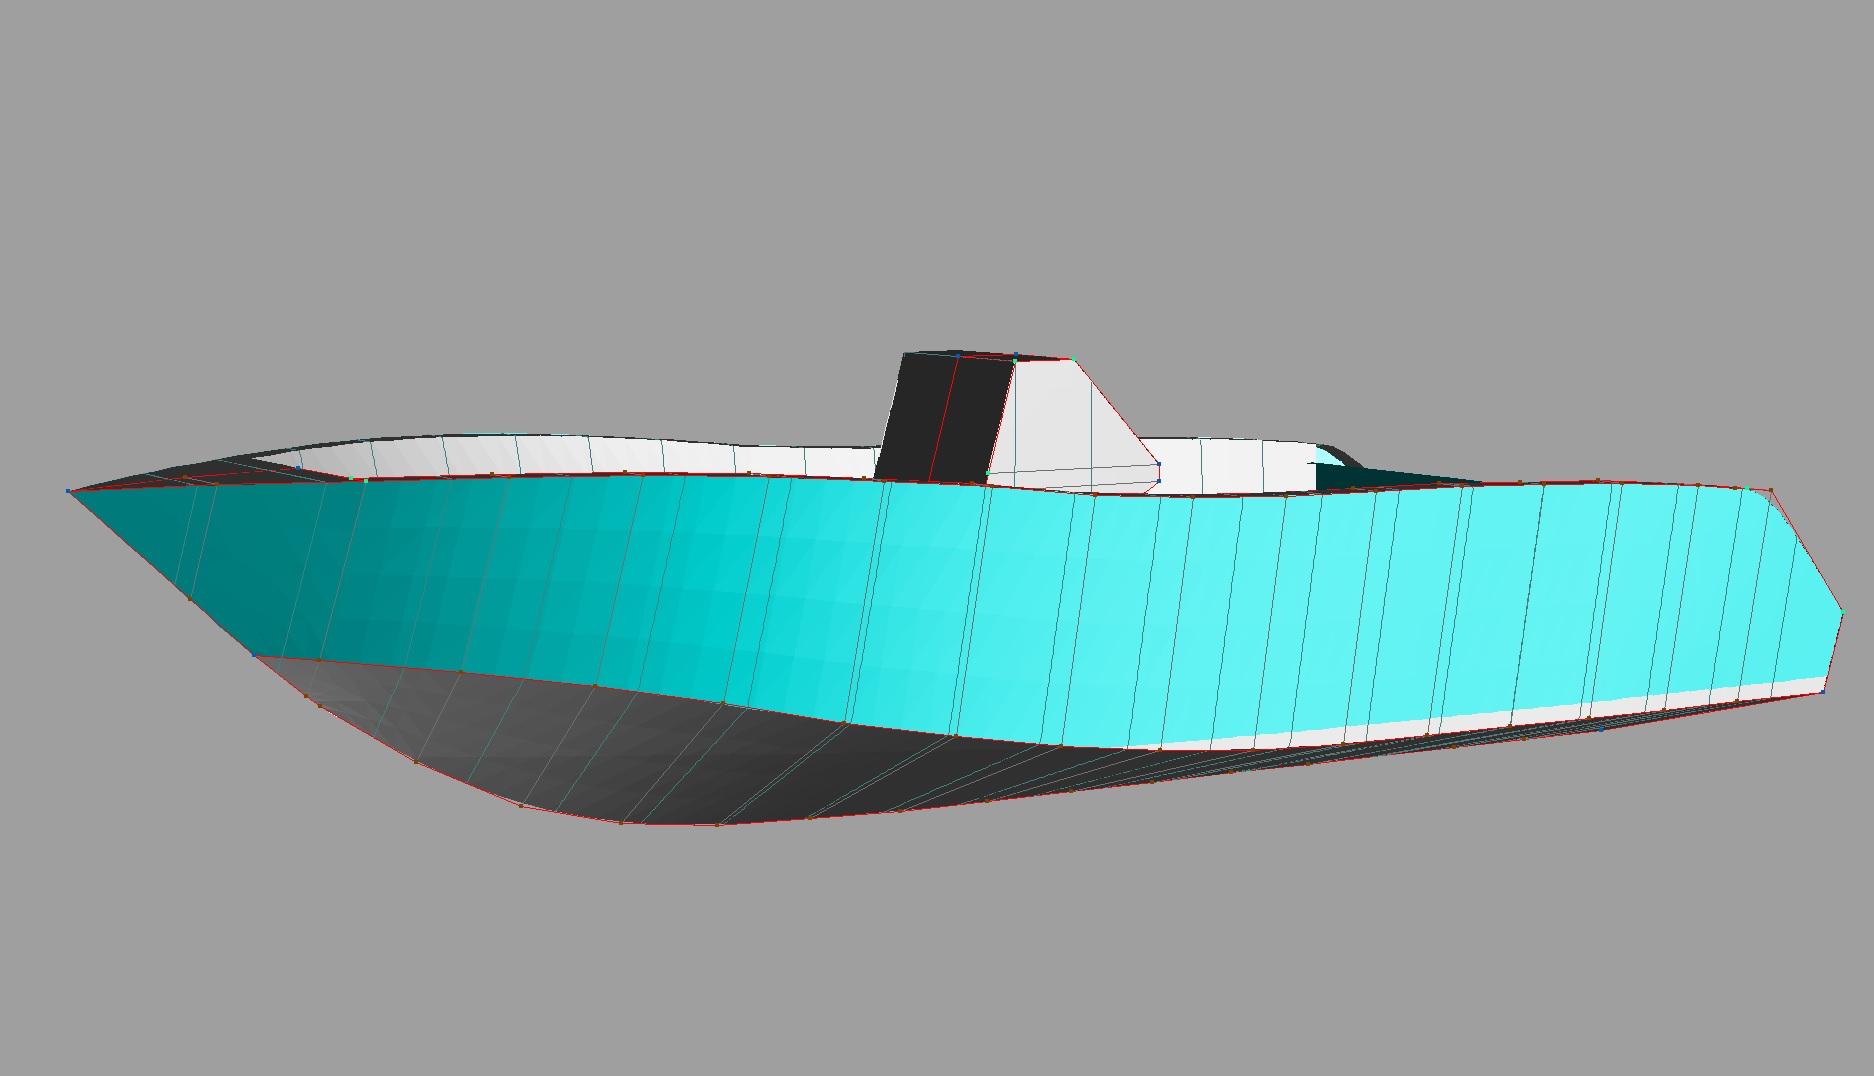 alu_boat_project_02.jpg